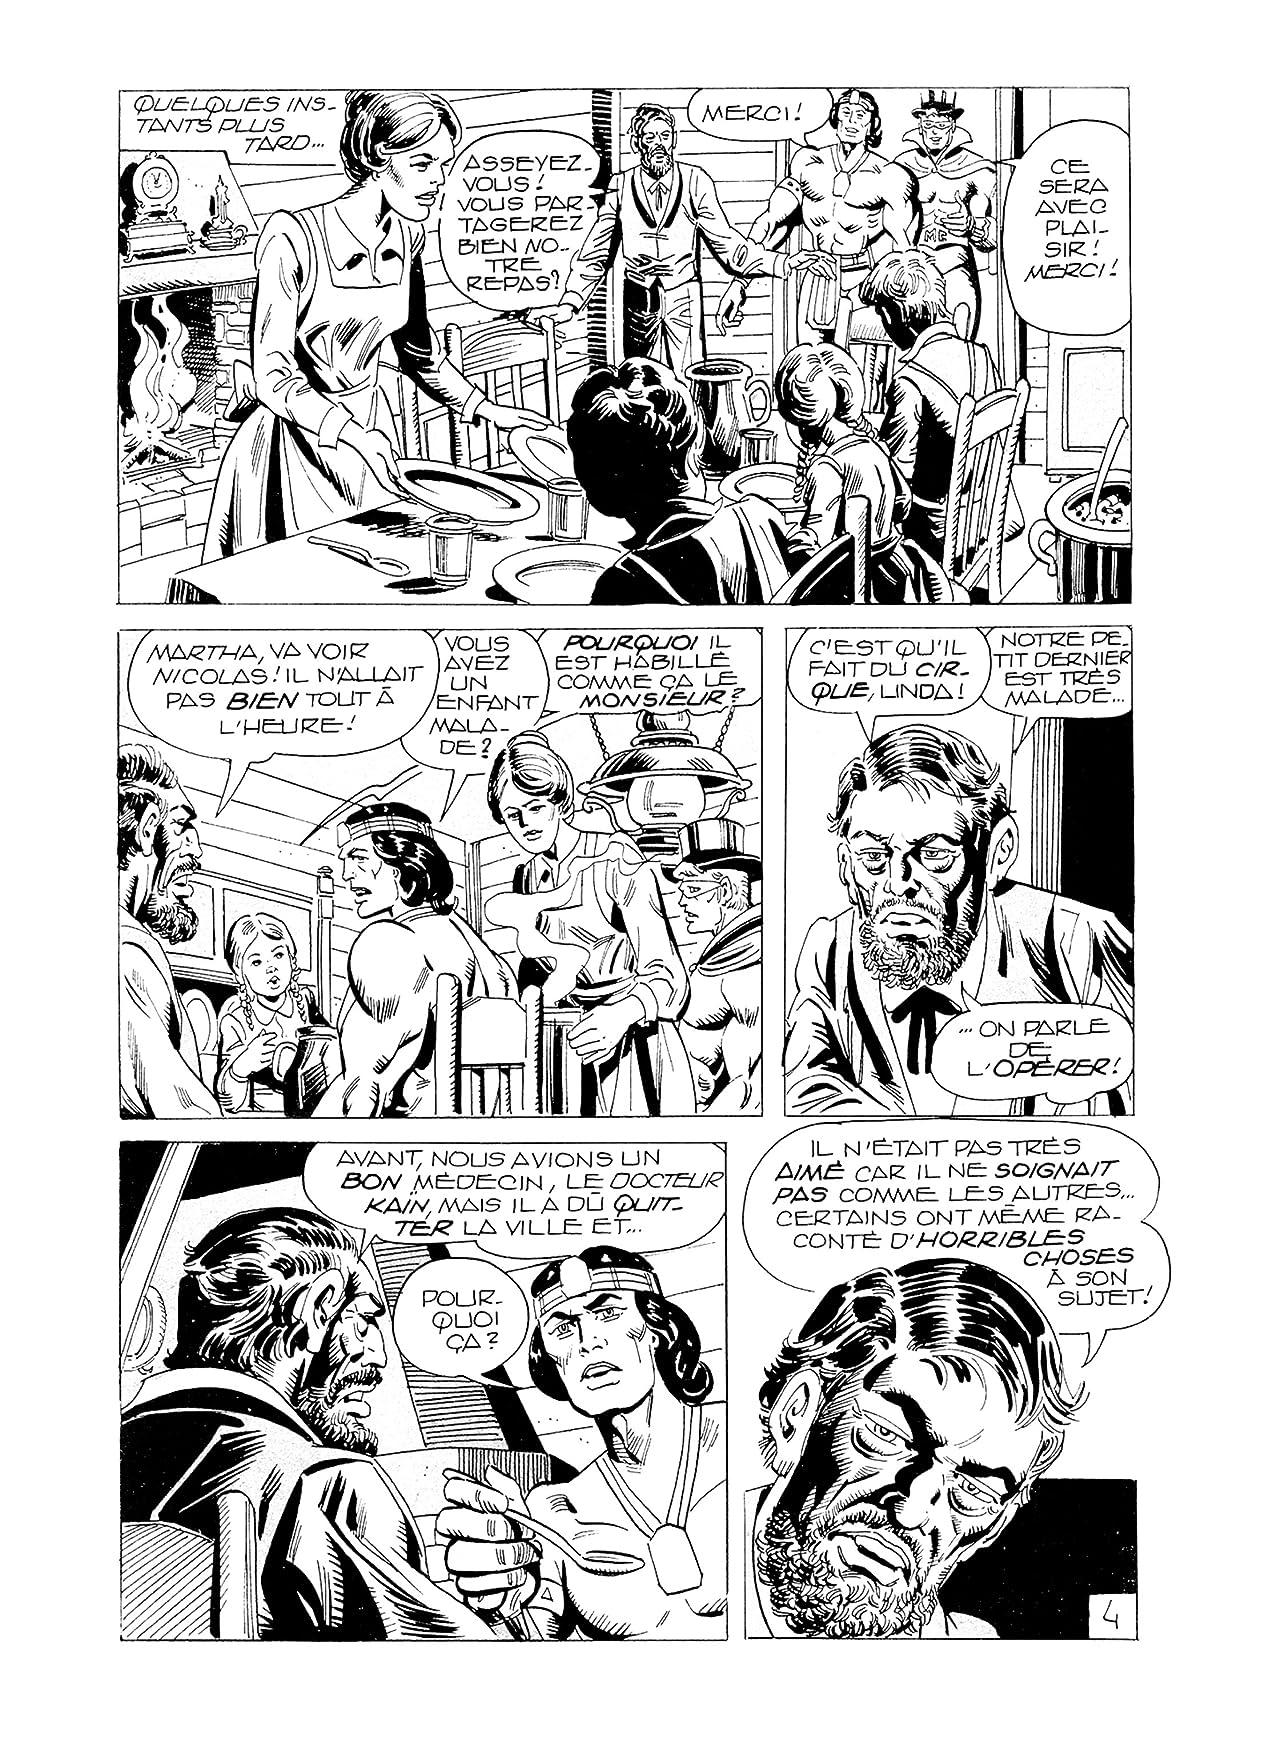 OZARK Vol. 3: Qui êtes-vous, Dr. Kain?